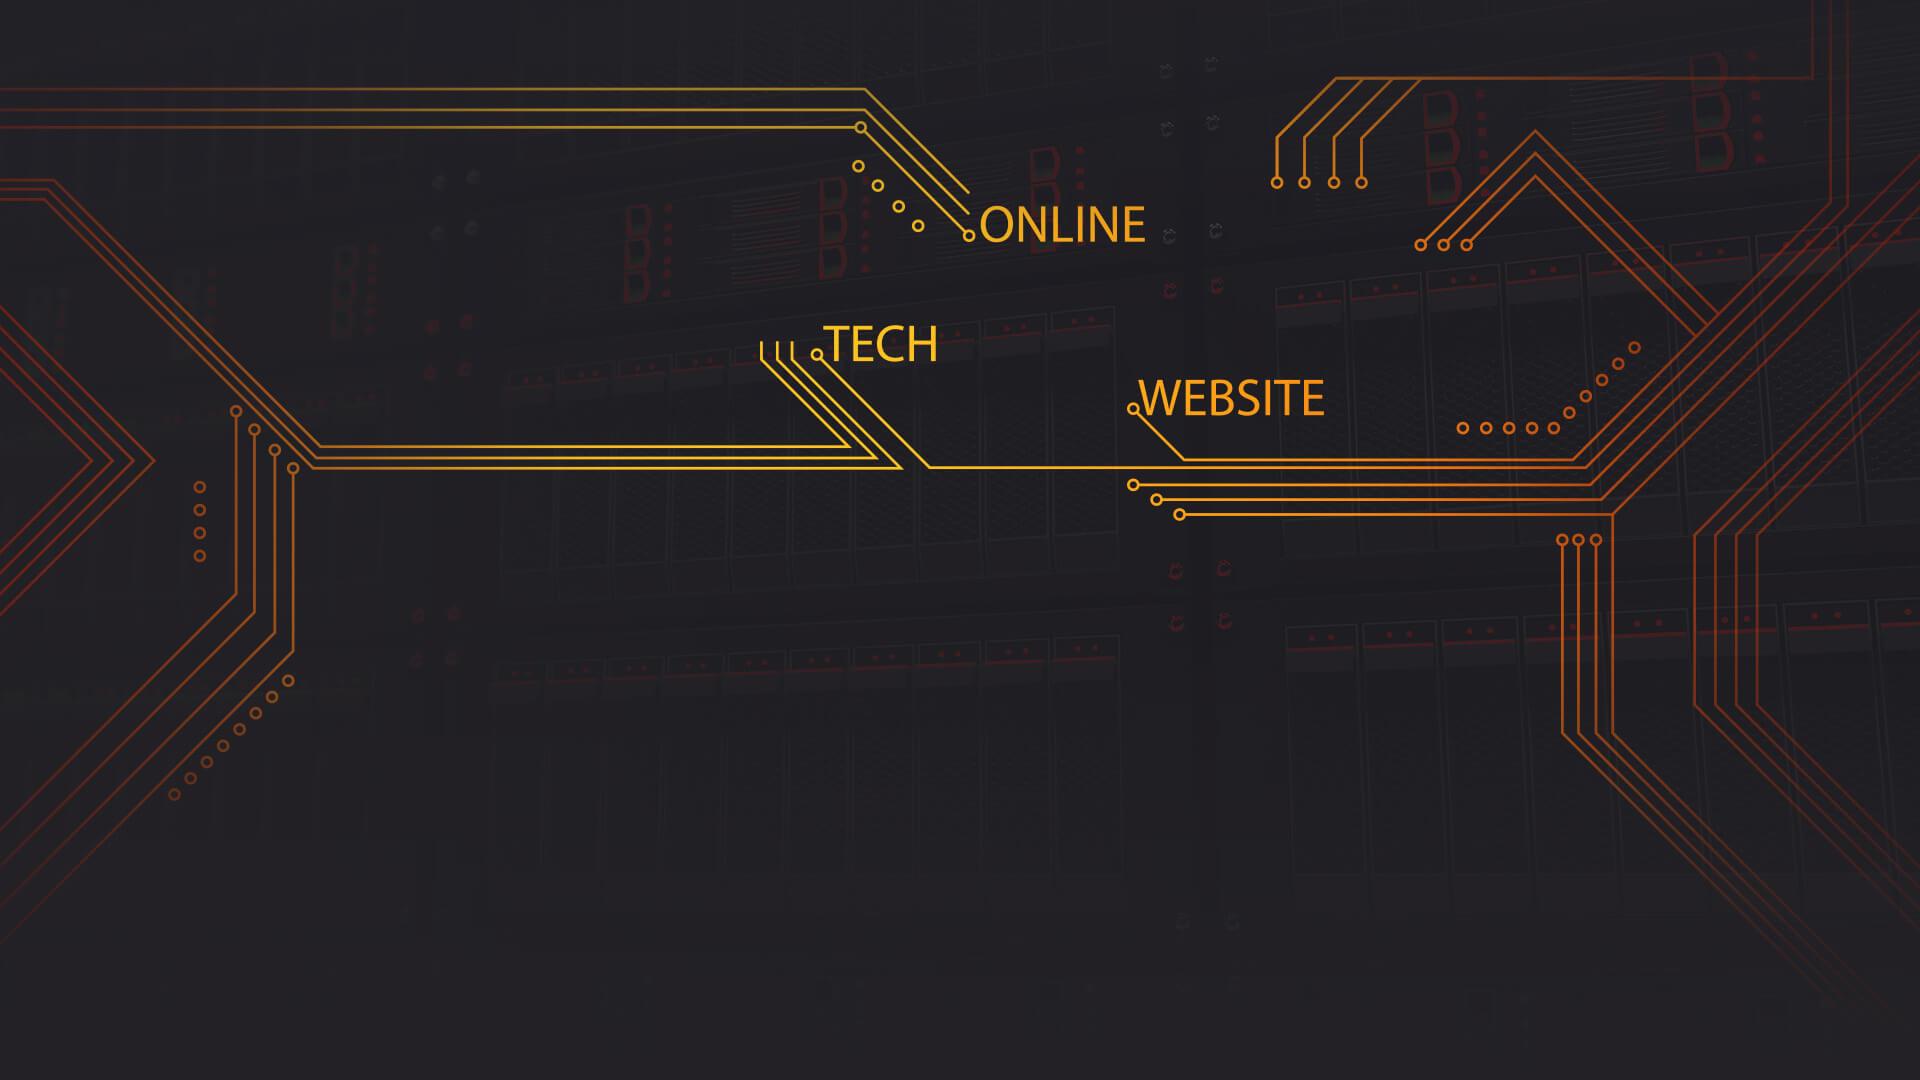 3bacb8b89294 Мастерхост — безлимитный виртуальный хостинг и регистрация доменов —  хостинг  .m  masterhost .